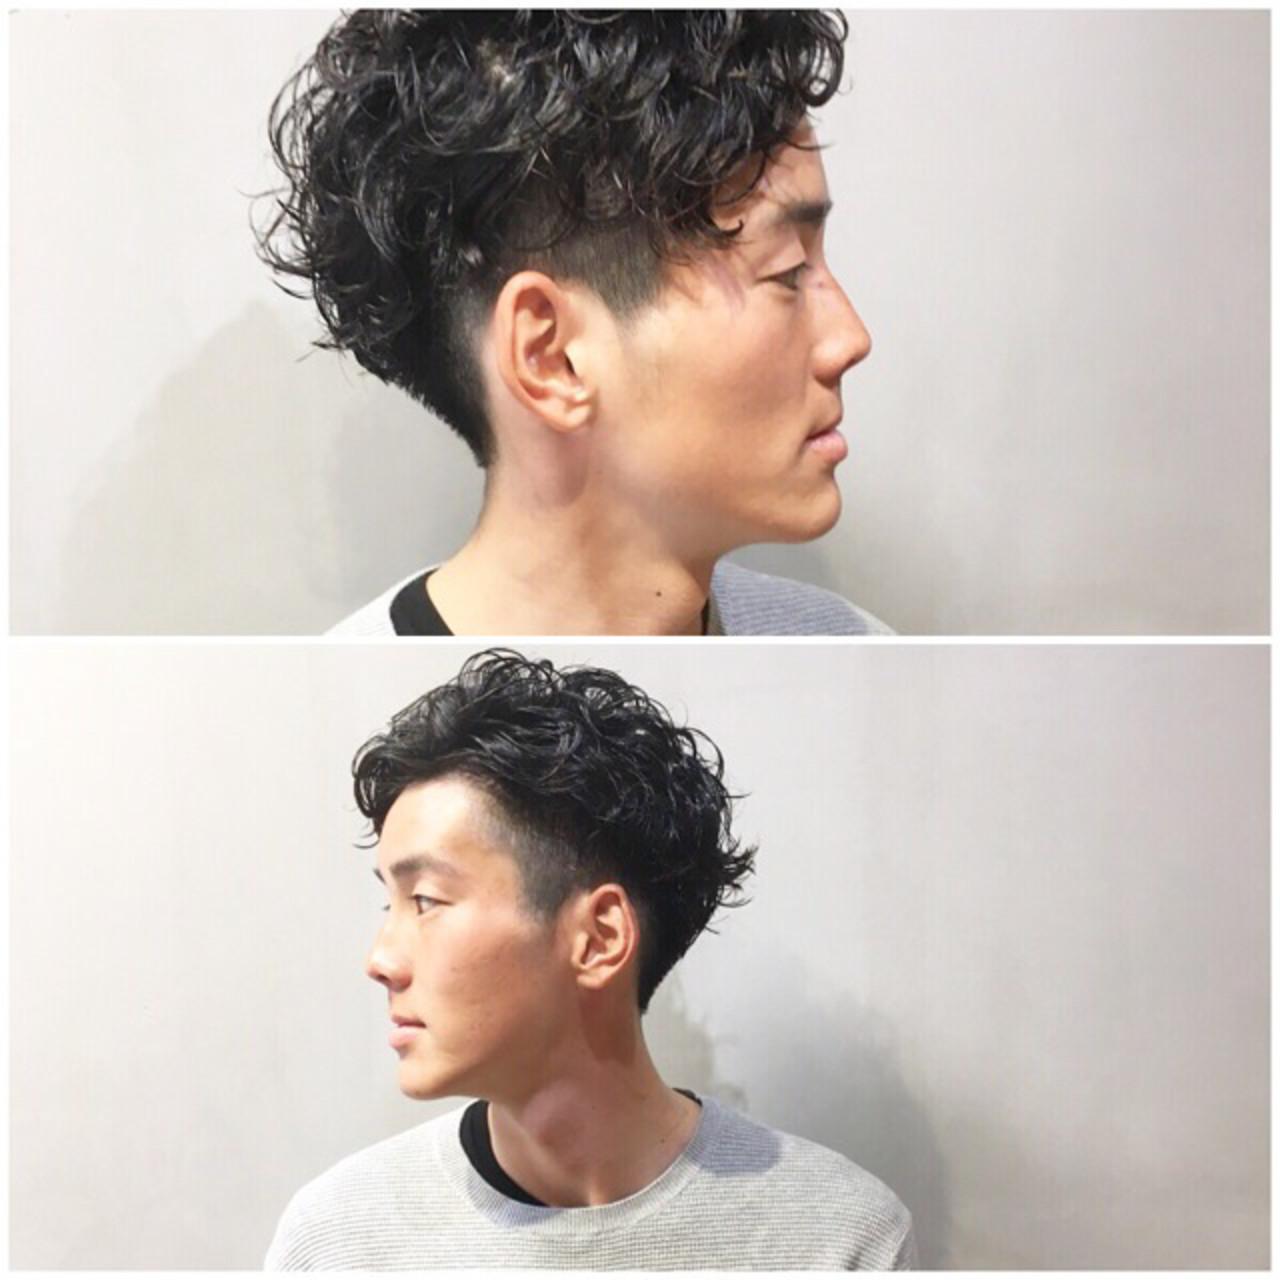 メンズショート ショートボブ ショート ハンサムショート ヘアスタイルや髪型の写真・画像